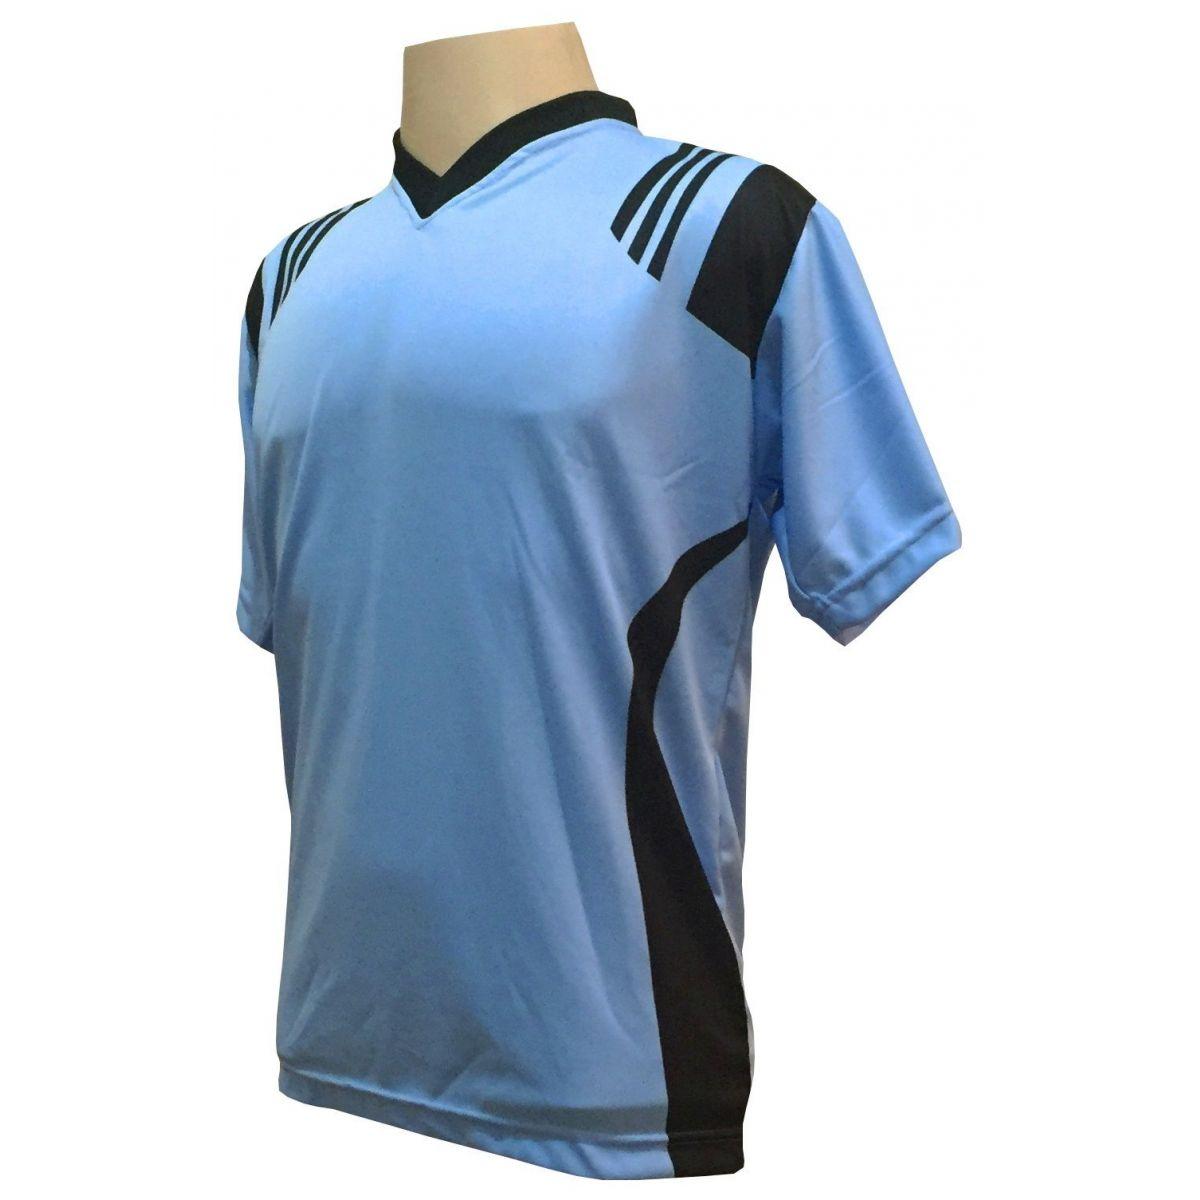 Uniforme Esportivo com 18 Camisas modelo Roma Celeste/Preto + 18 Calções modelo Madrid Preto